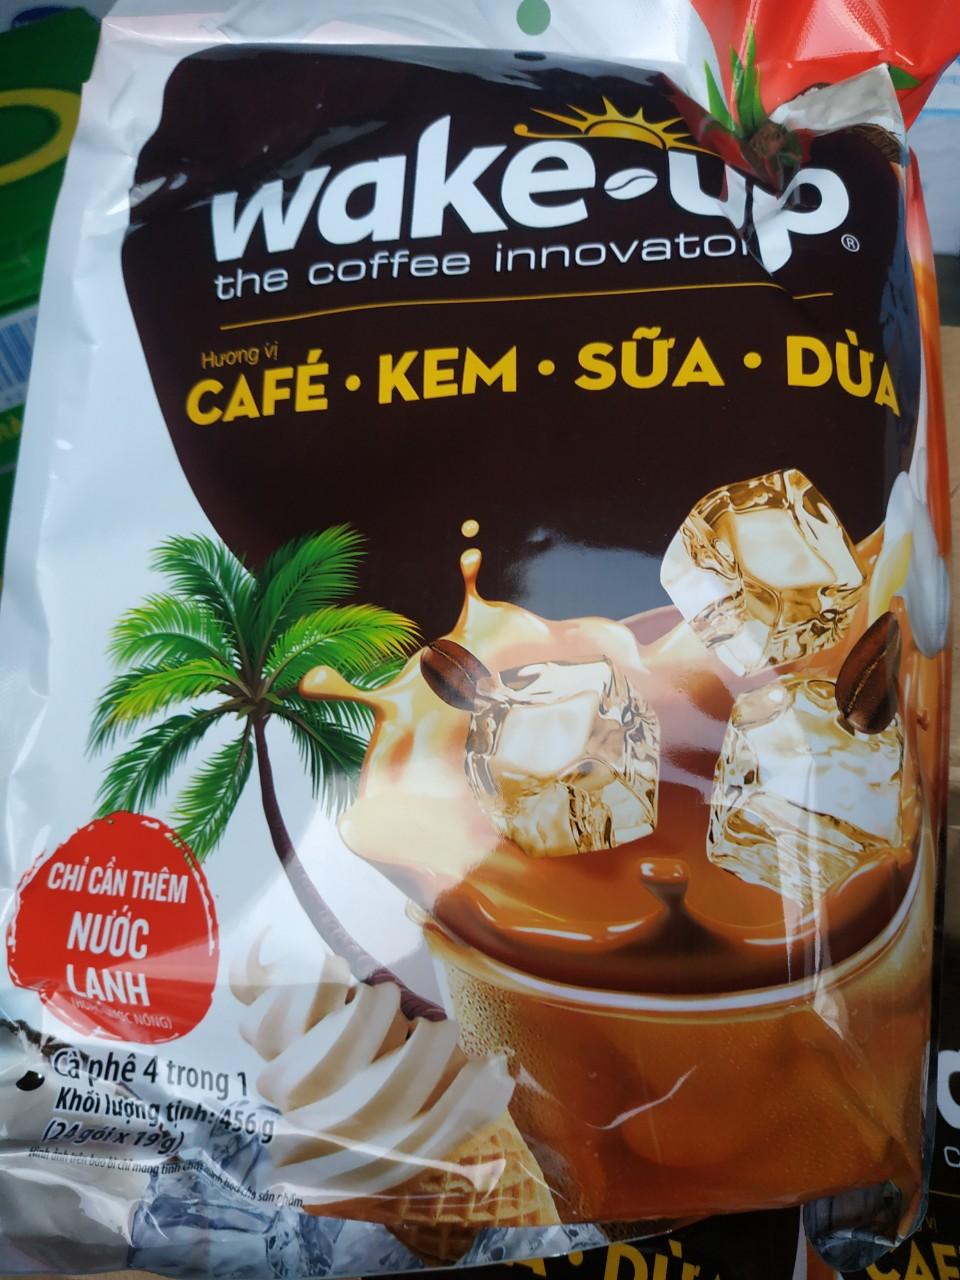 Cà Phê Kem Sữa Dừa Wake Up 456g Cùng Giá Khuyến Mãi Hot